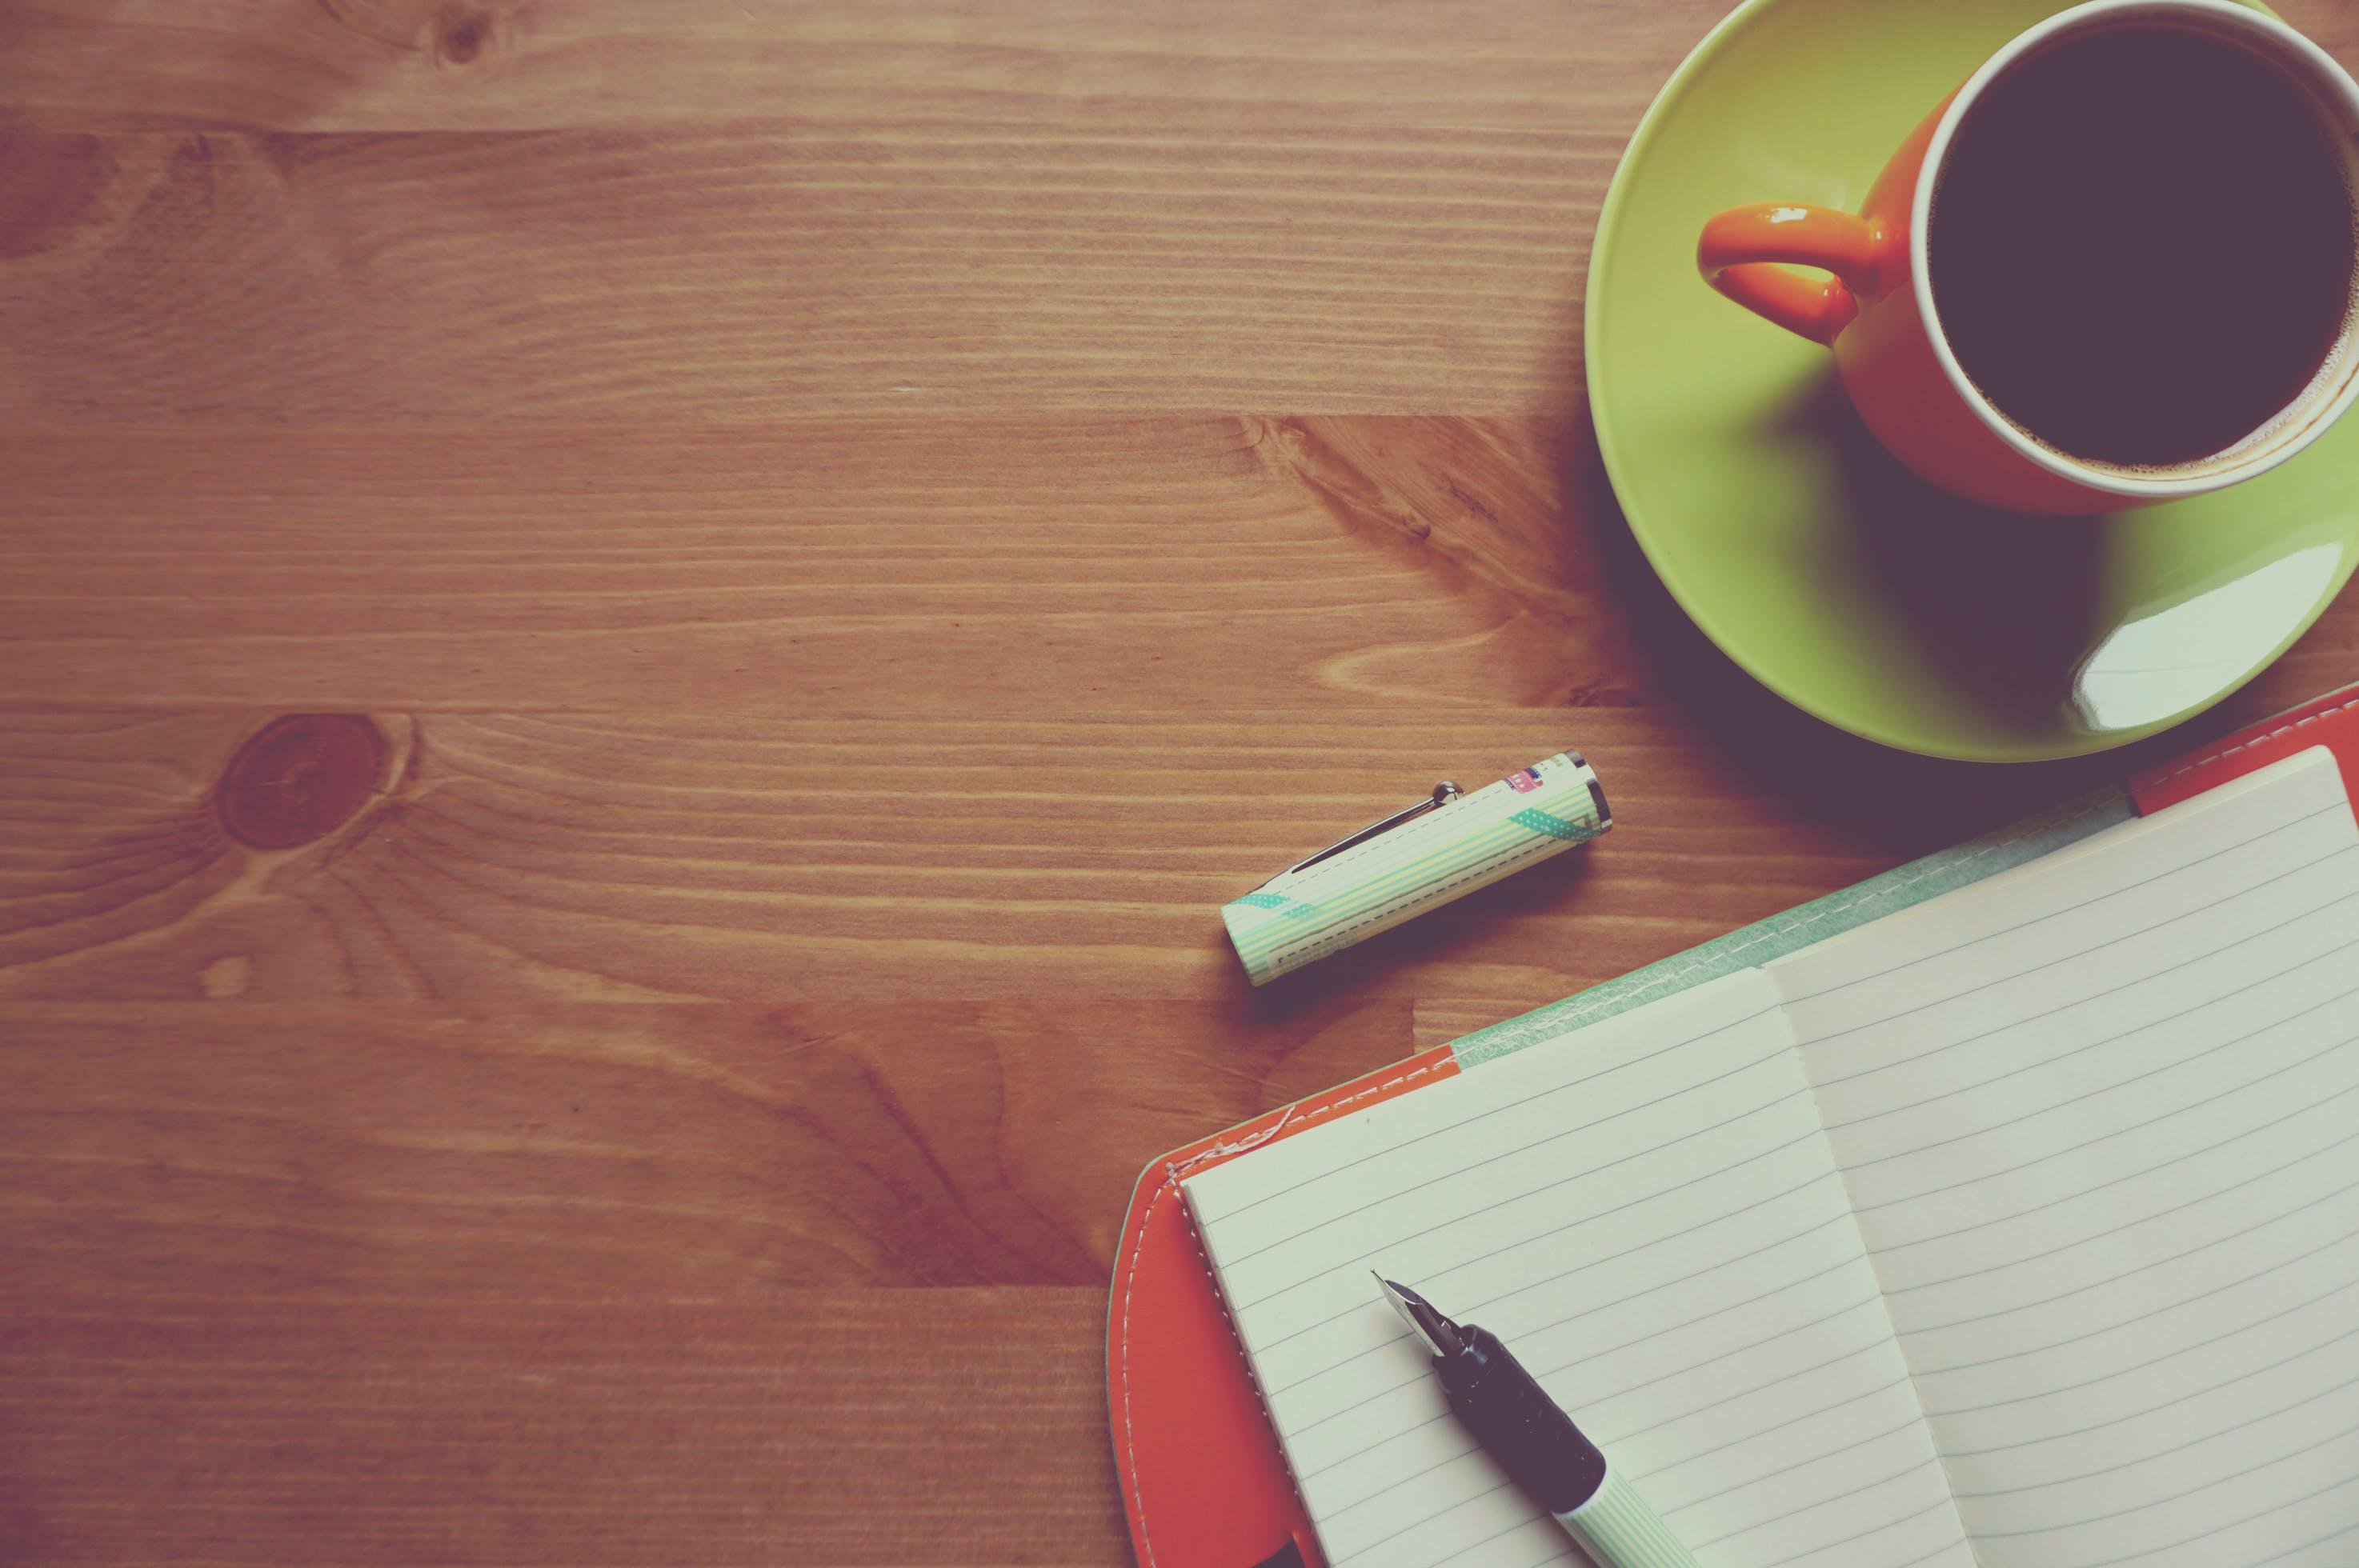 Immagine gratuita di banco, bevanda, bloc notes, caffè